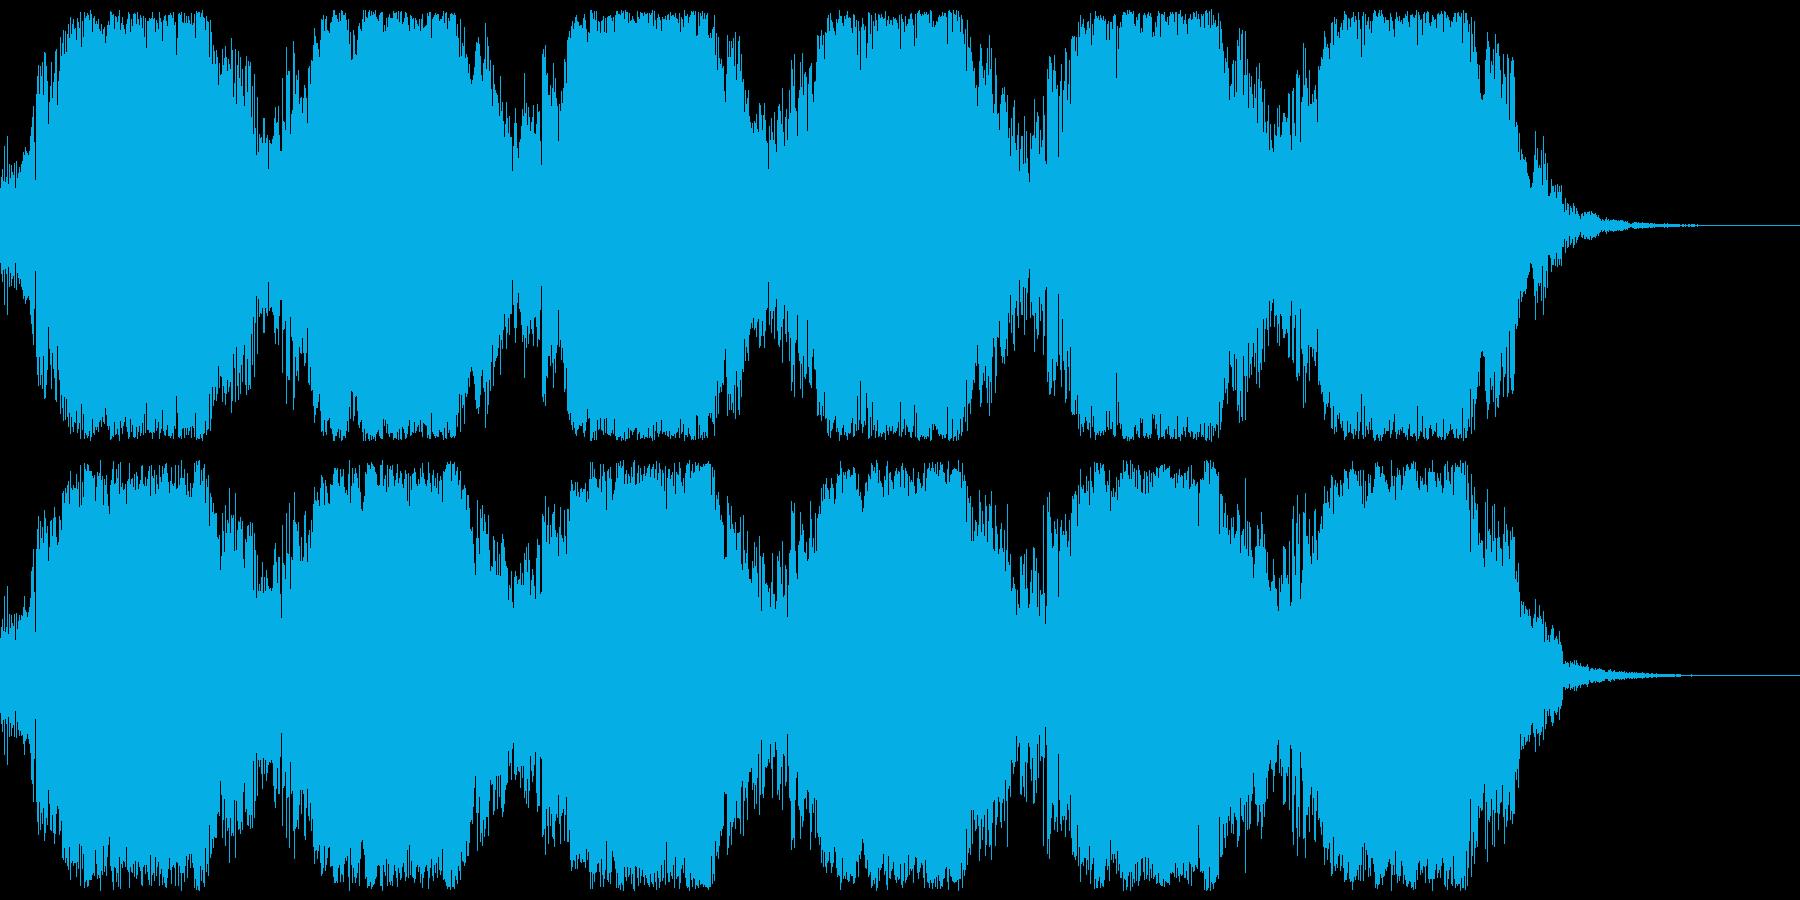 SF背景音(ブワ〜、ボワ〜)BPM120の再生済みの波形